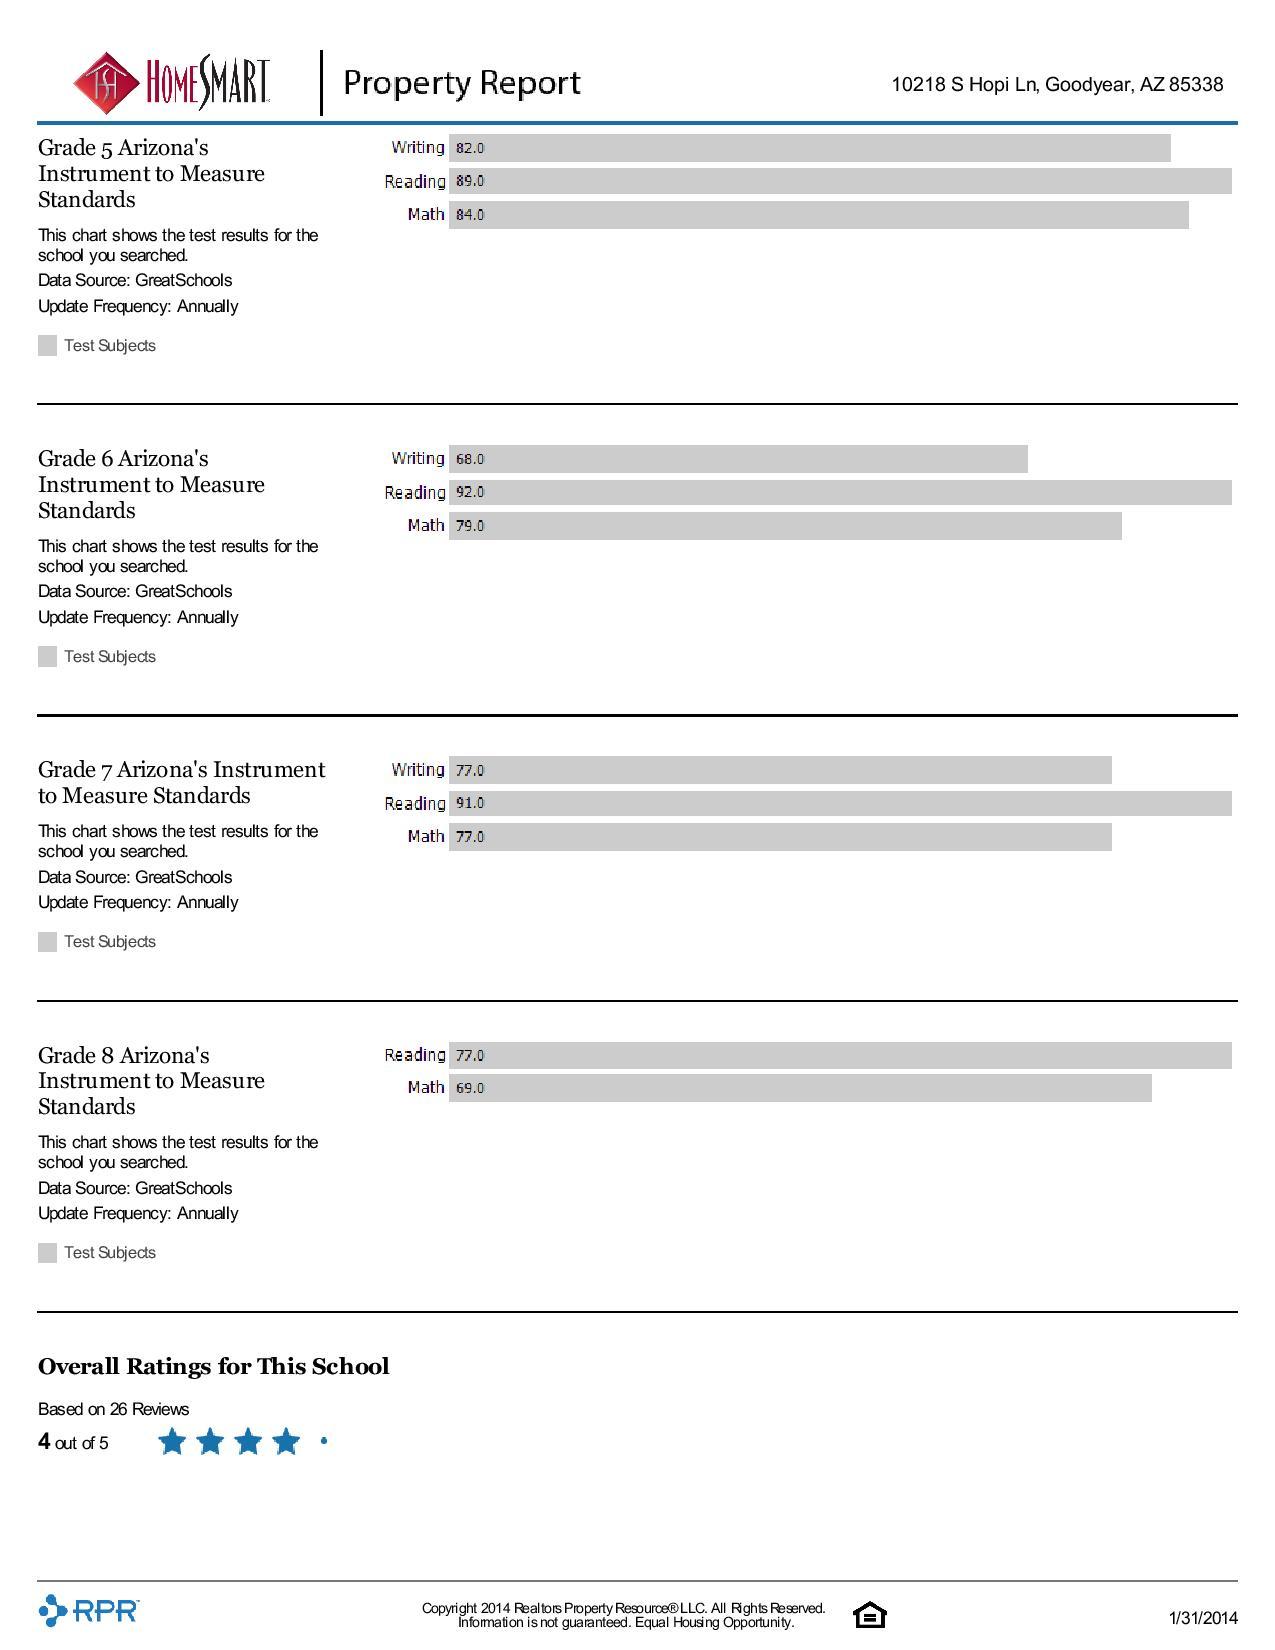 10218-S-Hopi-Ln-Goodyear-AZ-85338.pdf-page-013